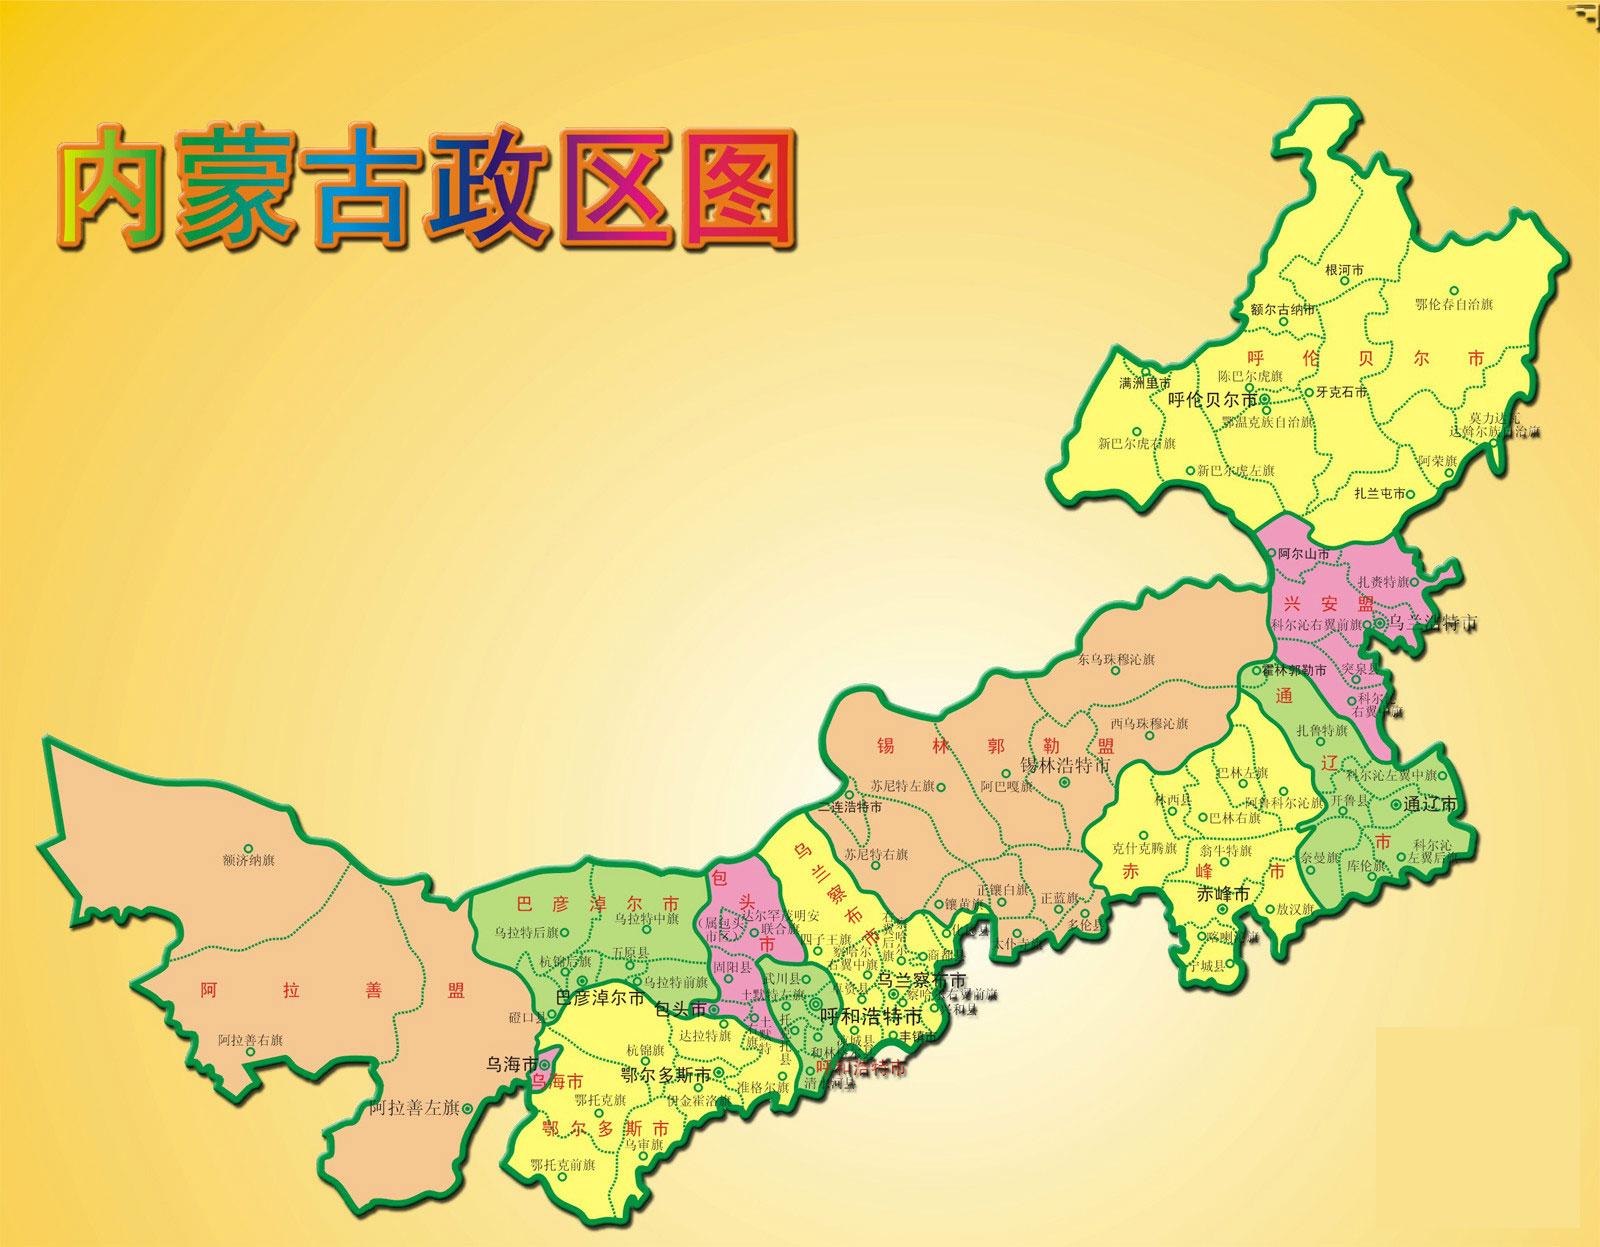 内蒙古自治区政区图,内蒙古行政区划图